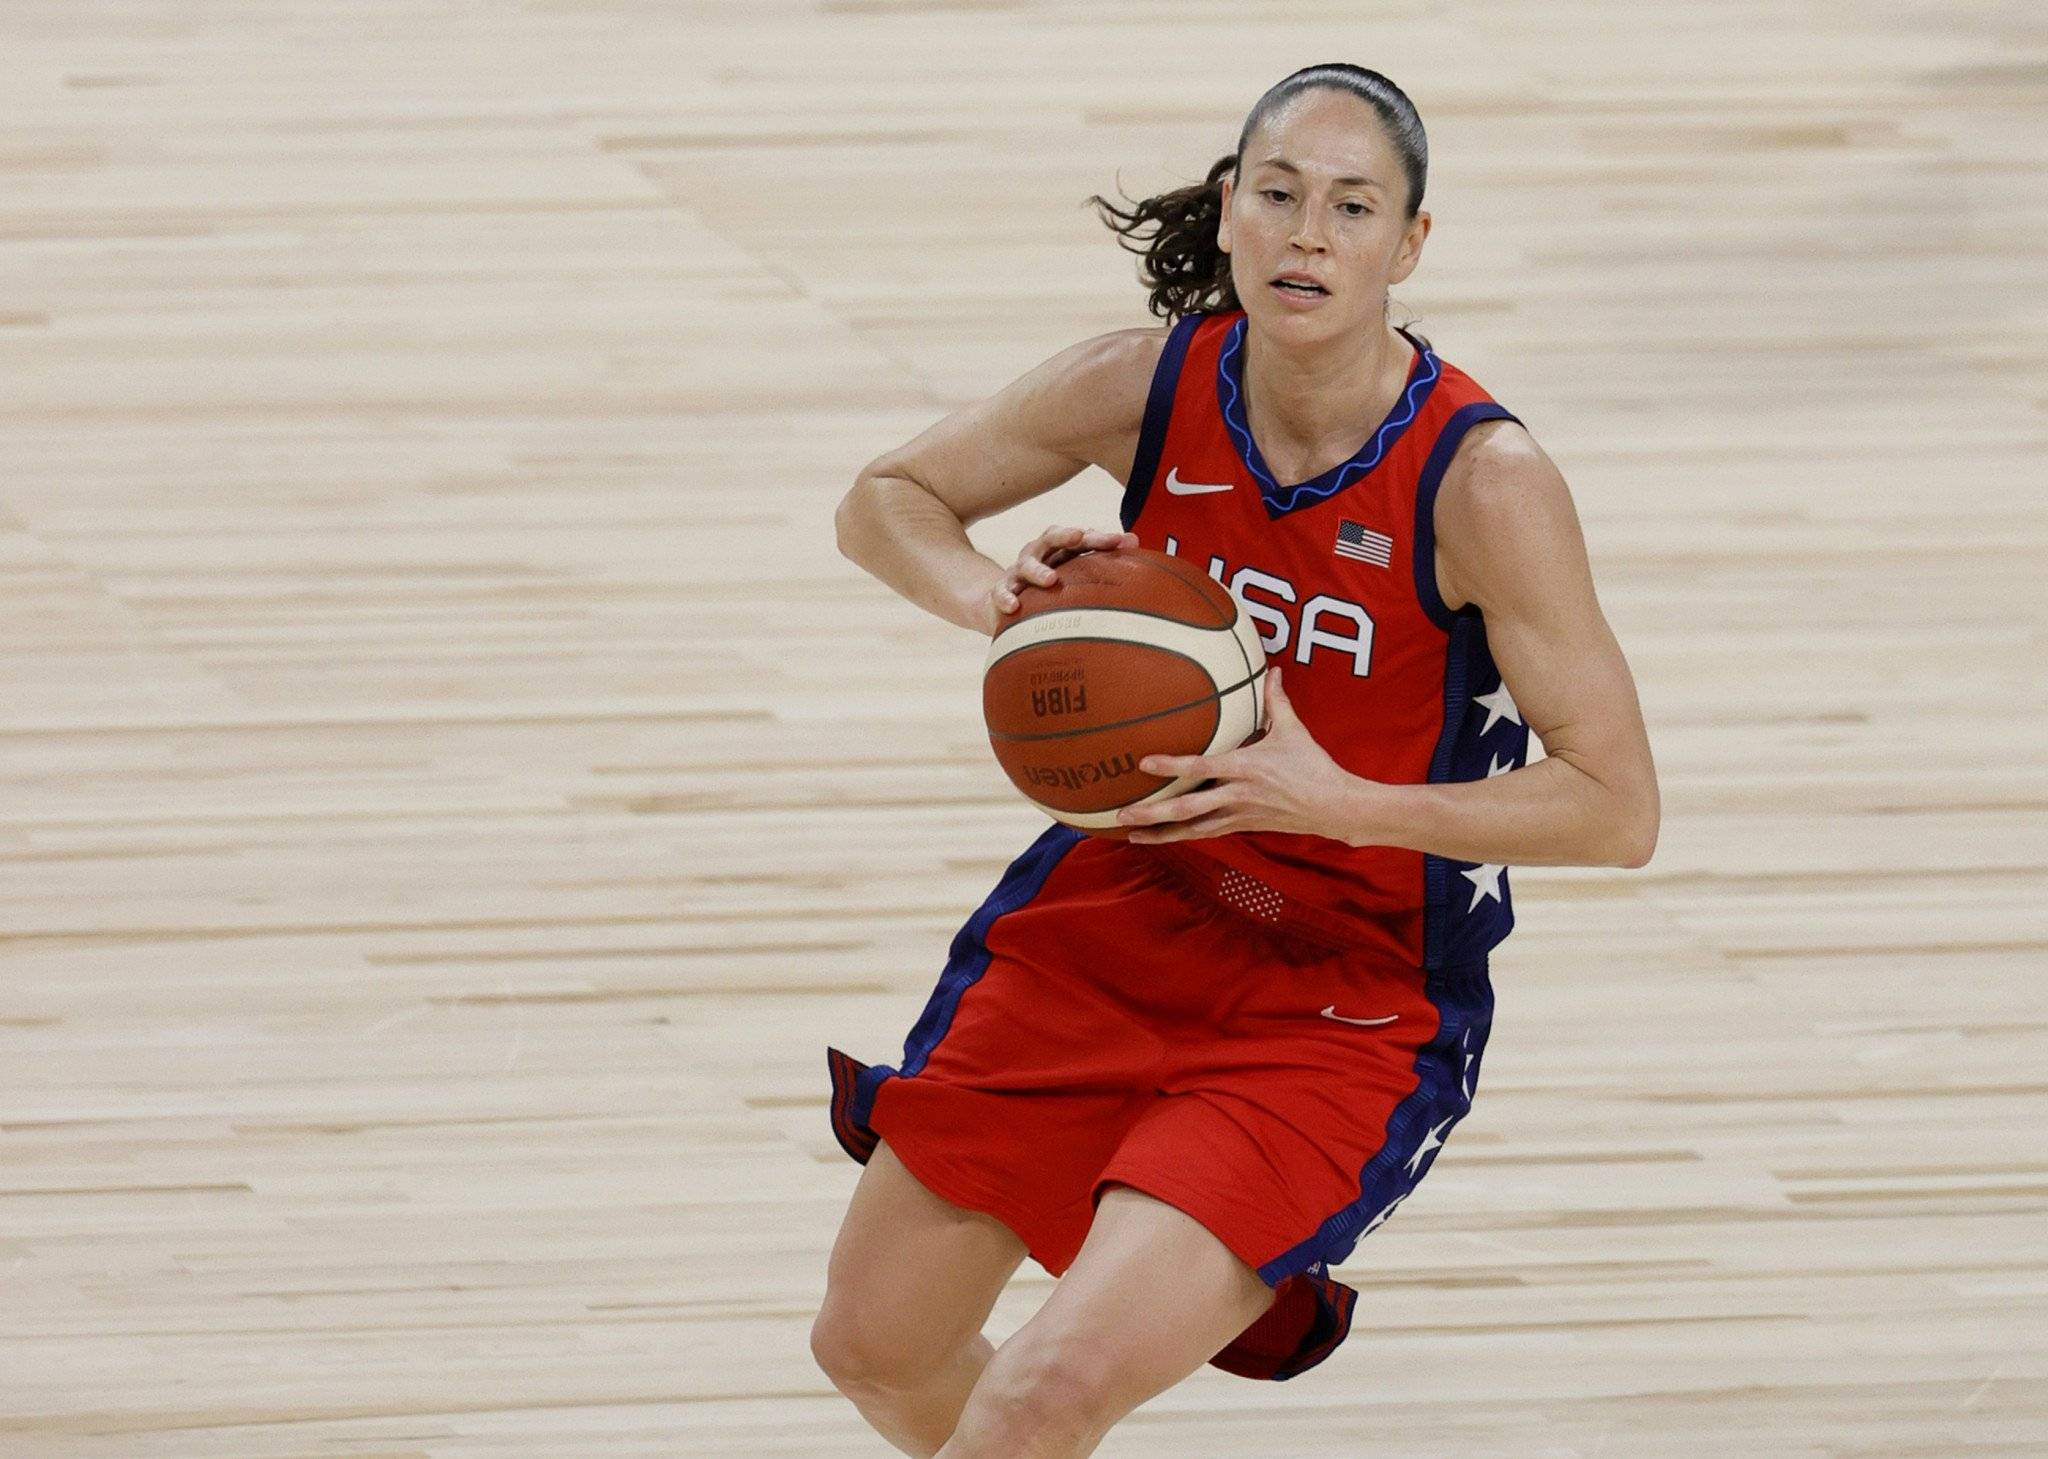 美国队开幕式旗手确定 奥运会女篮四金得主入选_大丰娱乐主管